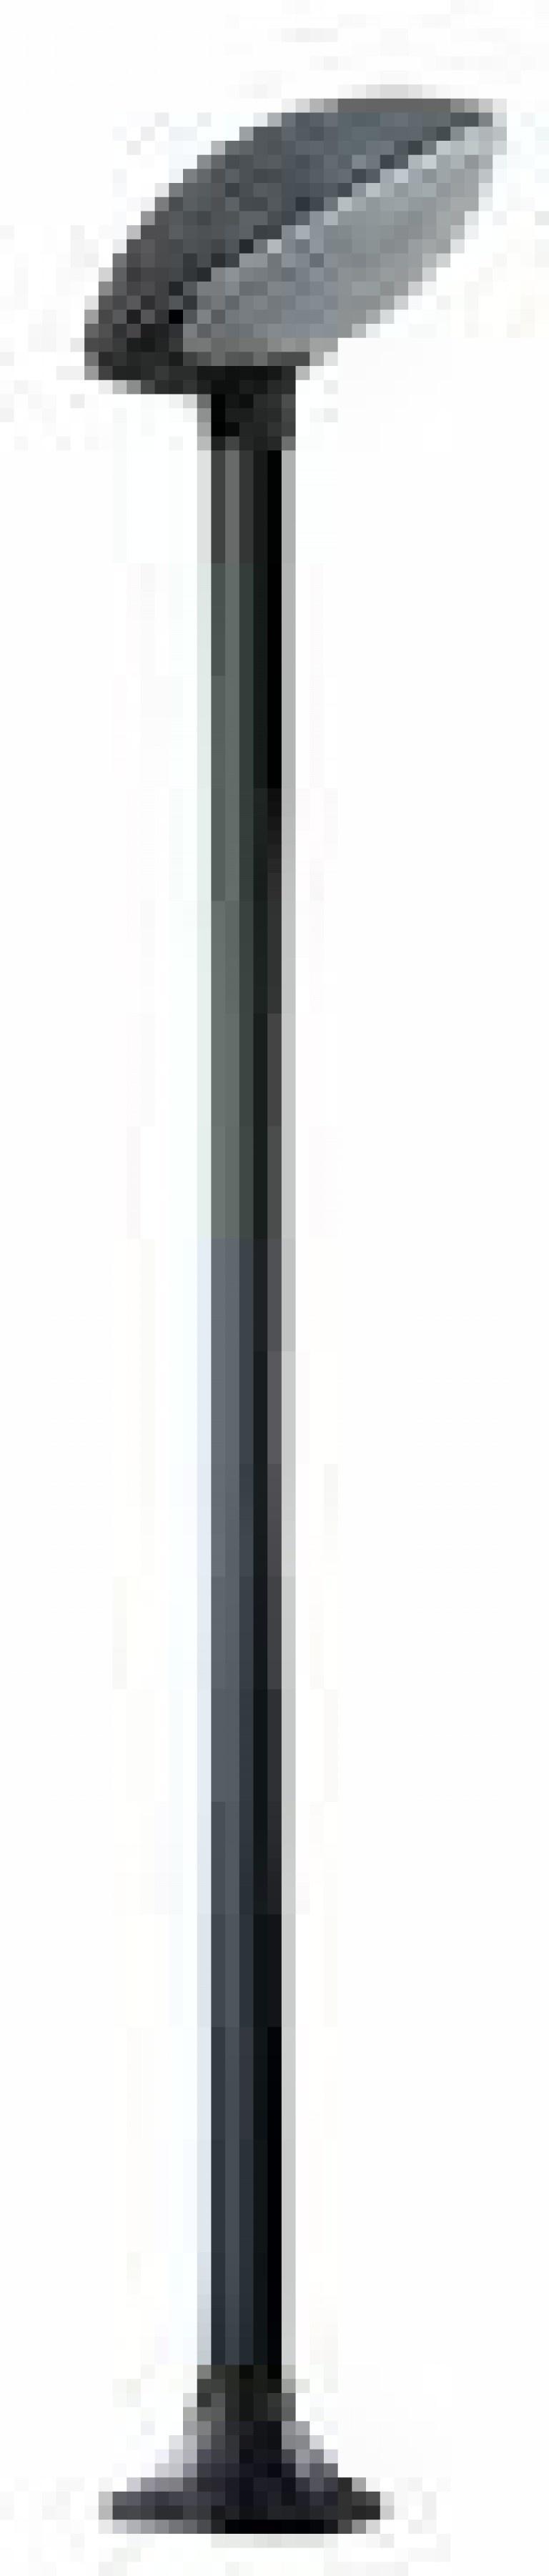 Lampy ogrodowe wys. 140 cm, klosz TAO